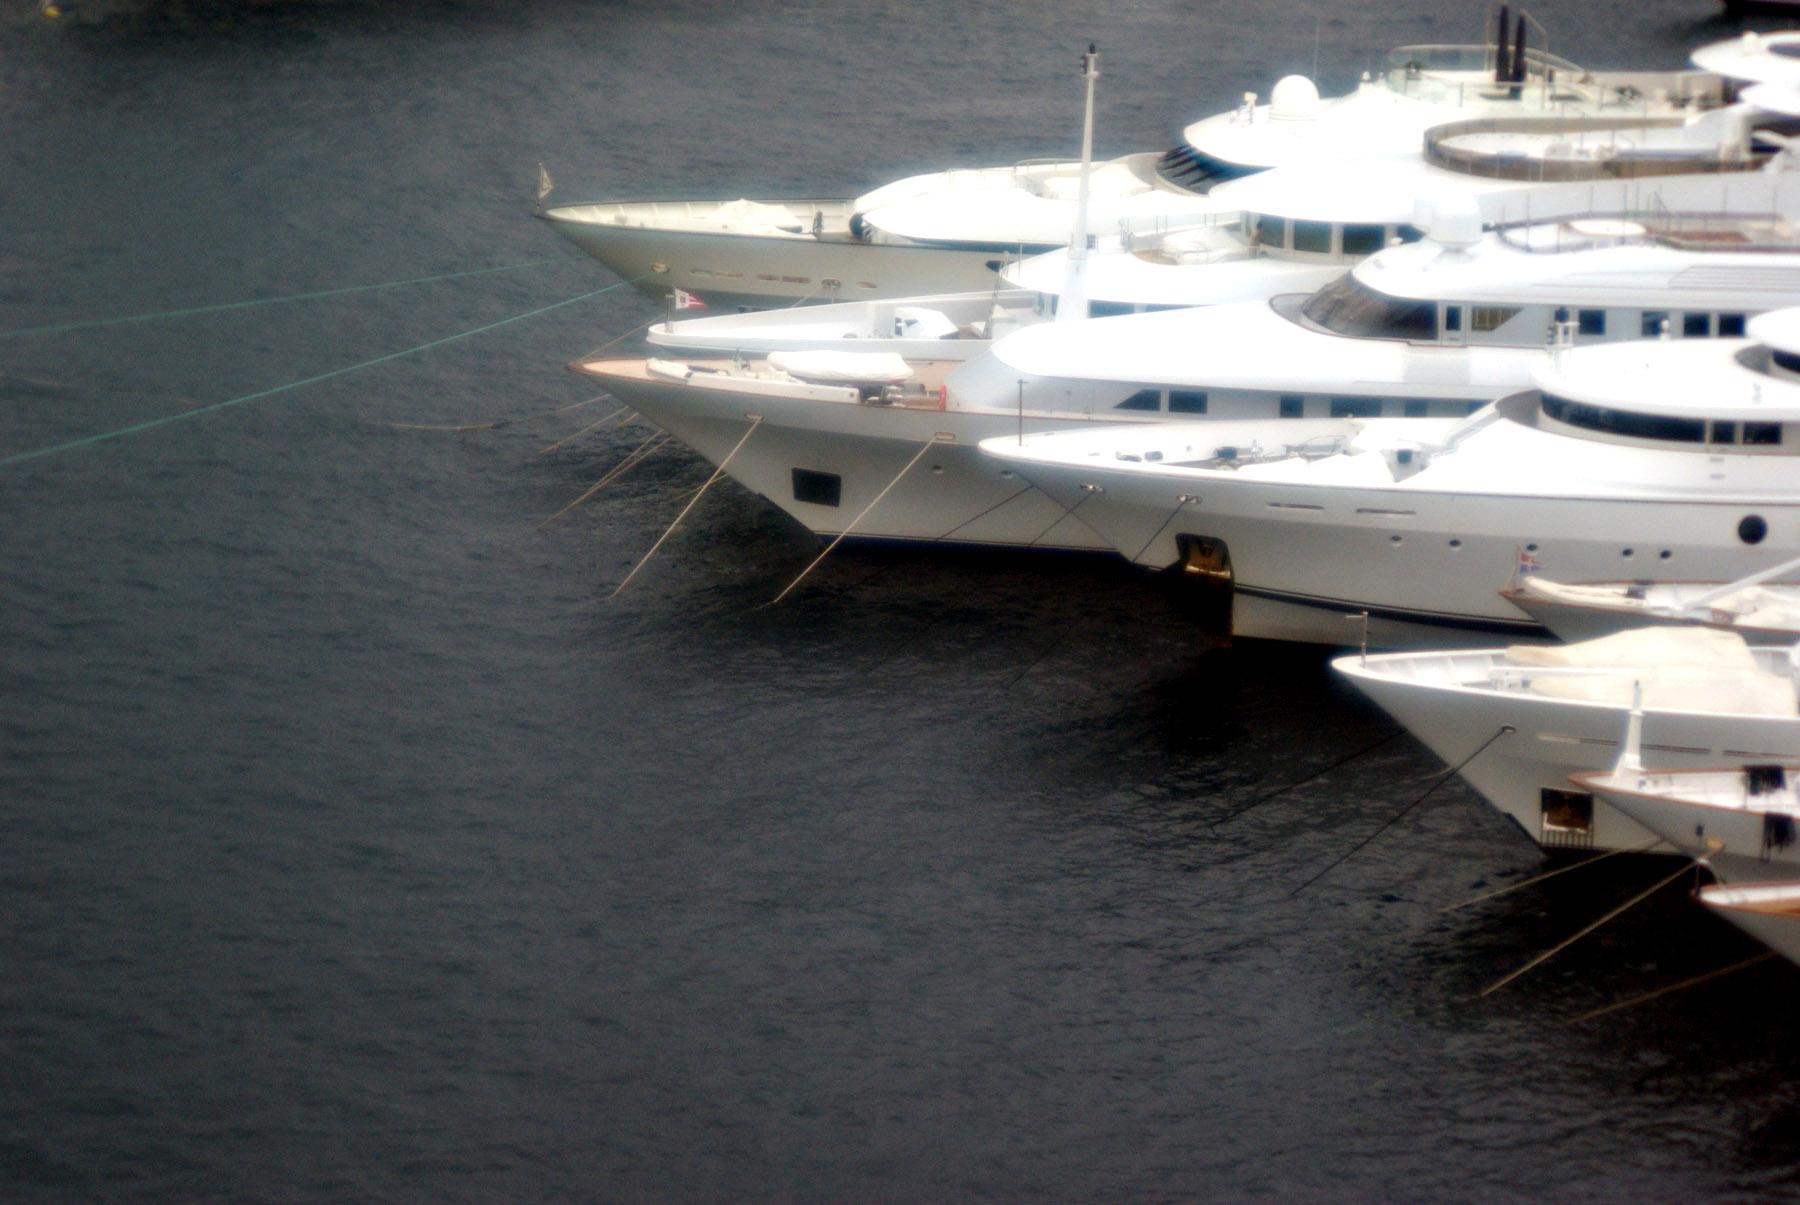 yachts.jpg